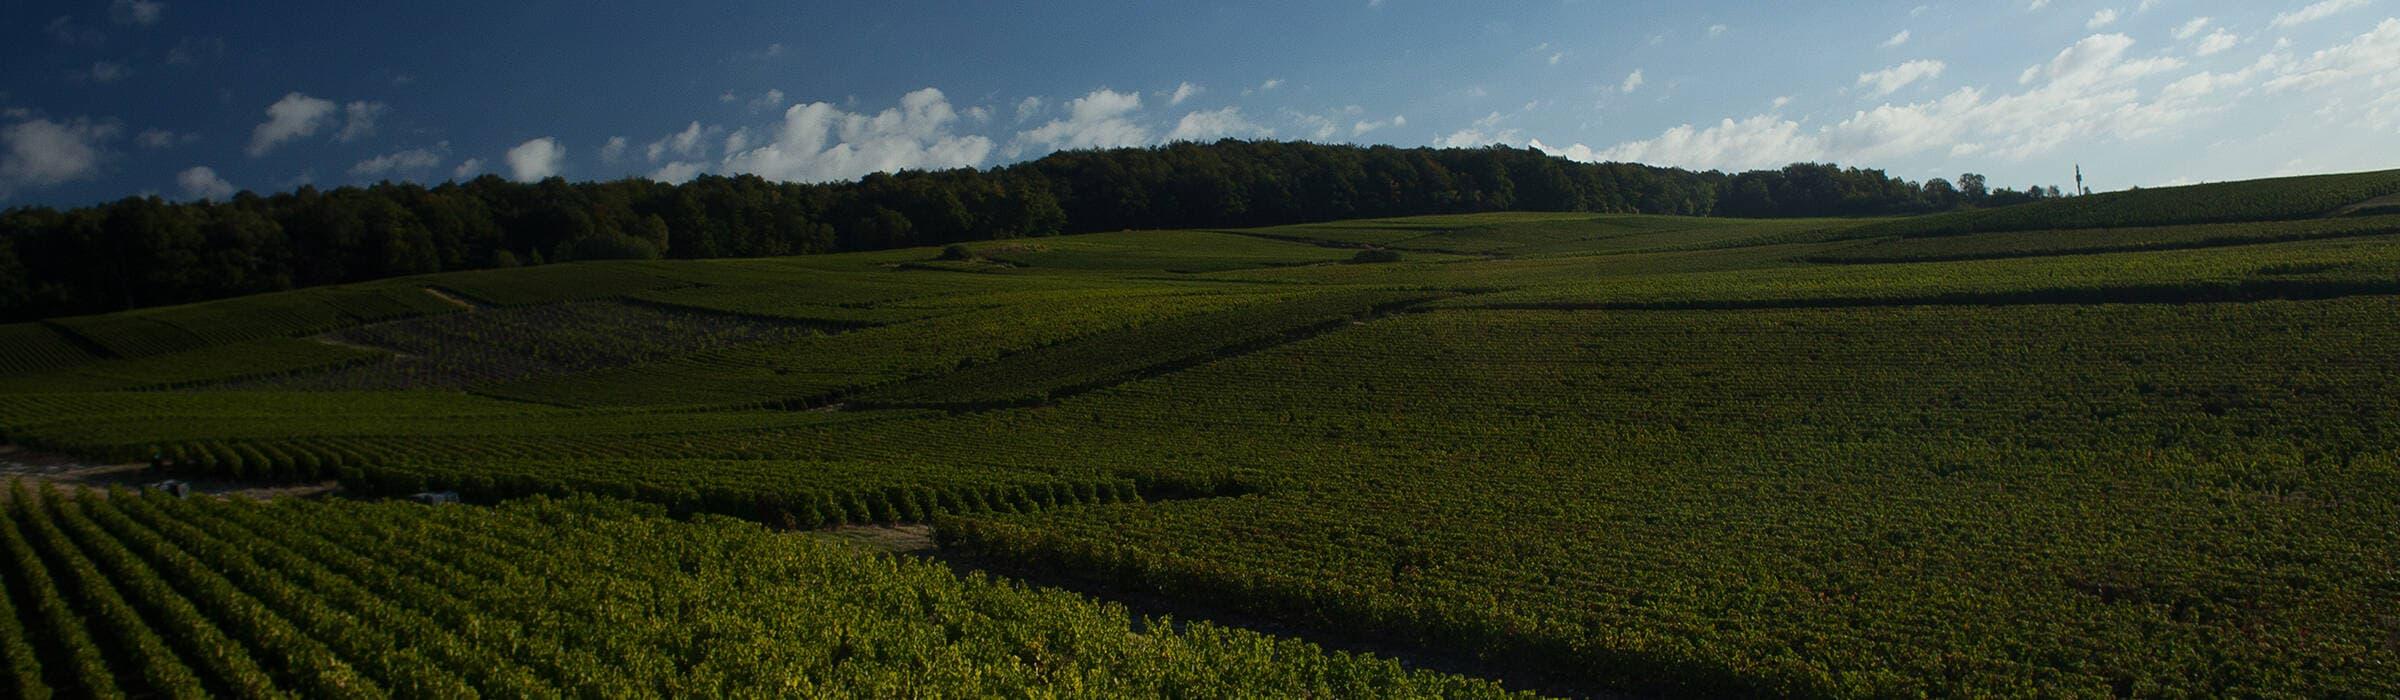 Veuve Clicquot - Os vinhedos